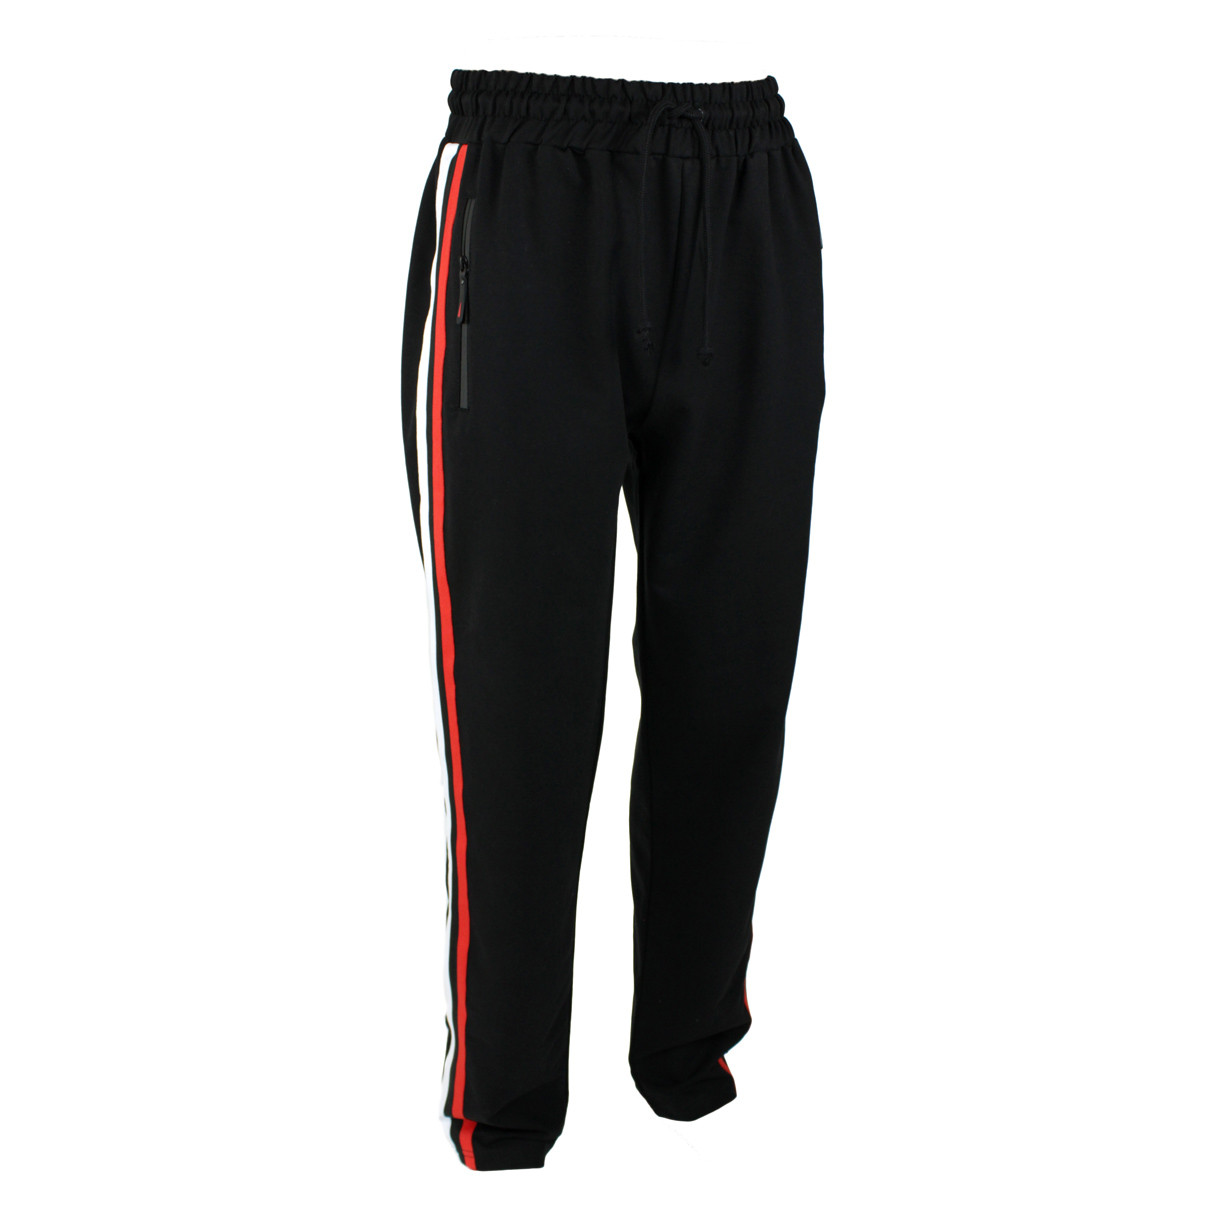 Штани чоловічі спортивні чорні з смужками